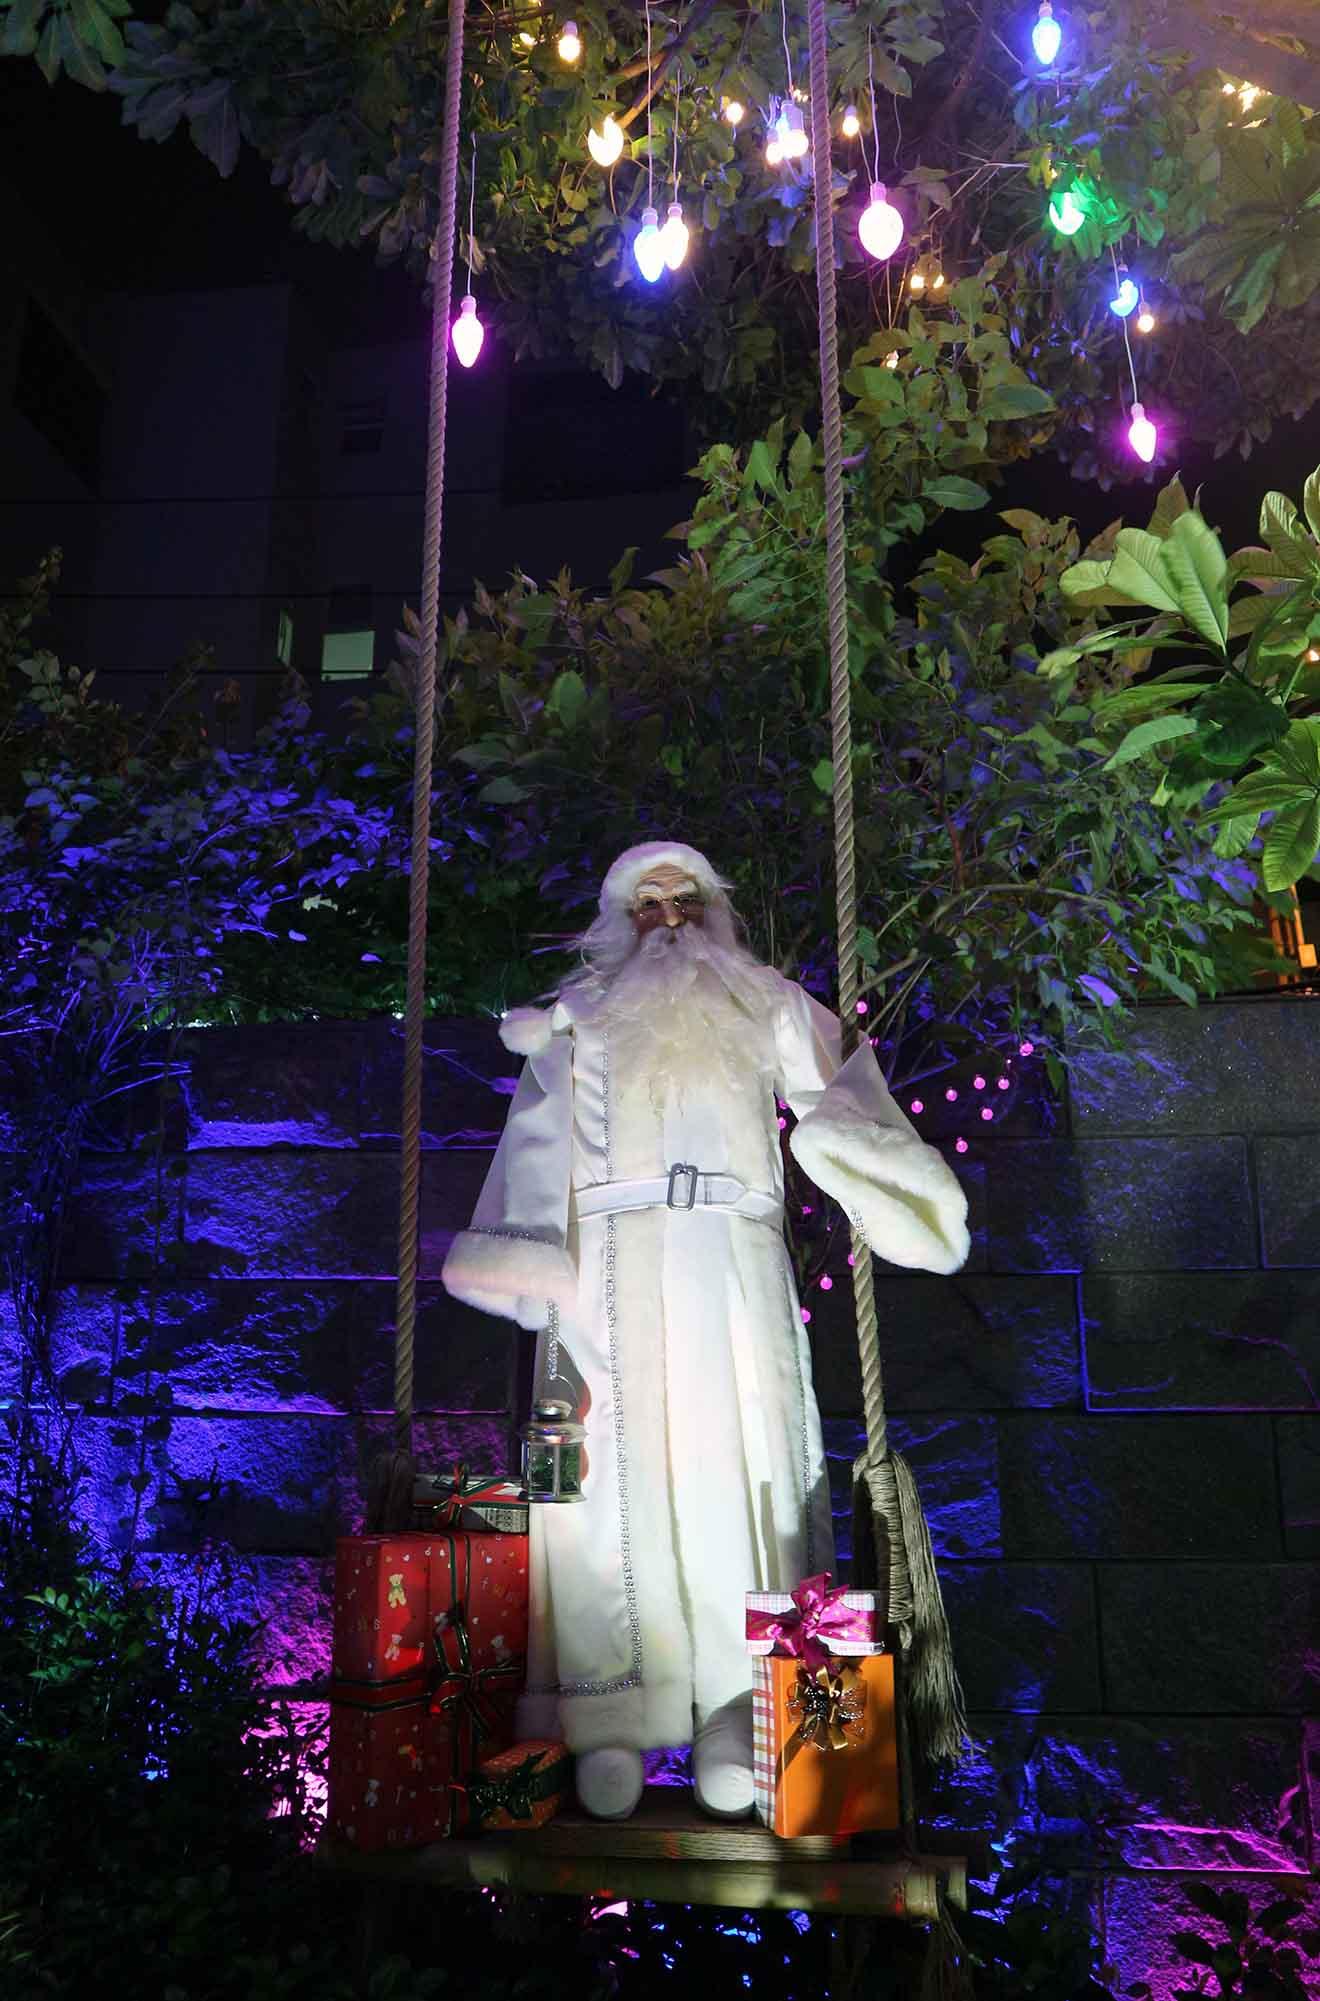 Hàng trăm người chen lấn chụp ảnh Noel tại biệt thự 3 triệu USD của Đàm Vĩnh Hưng - 15